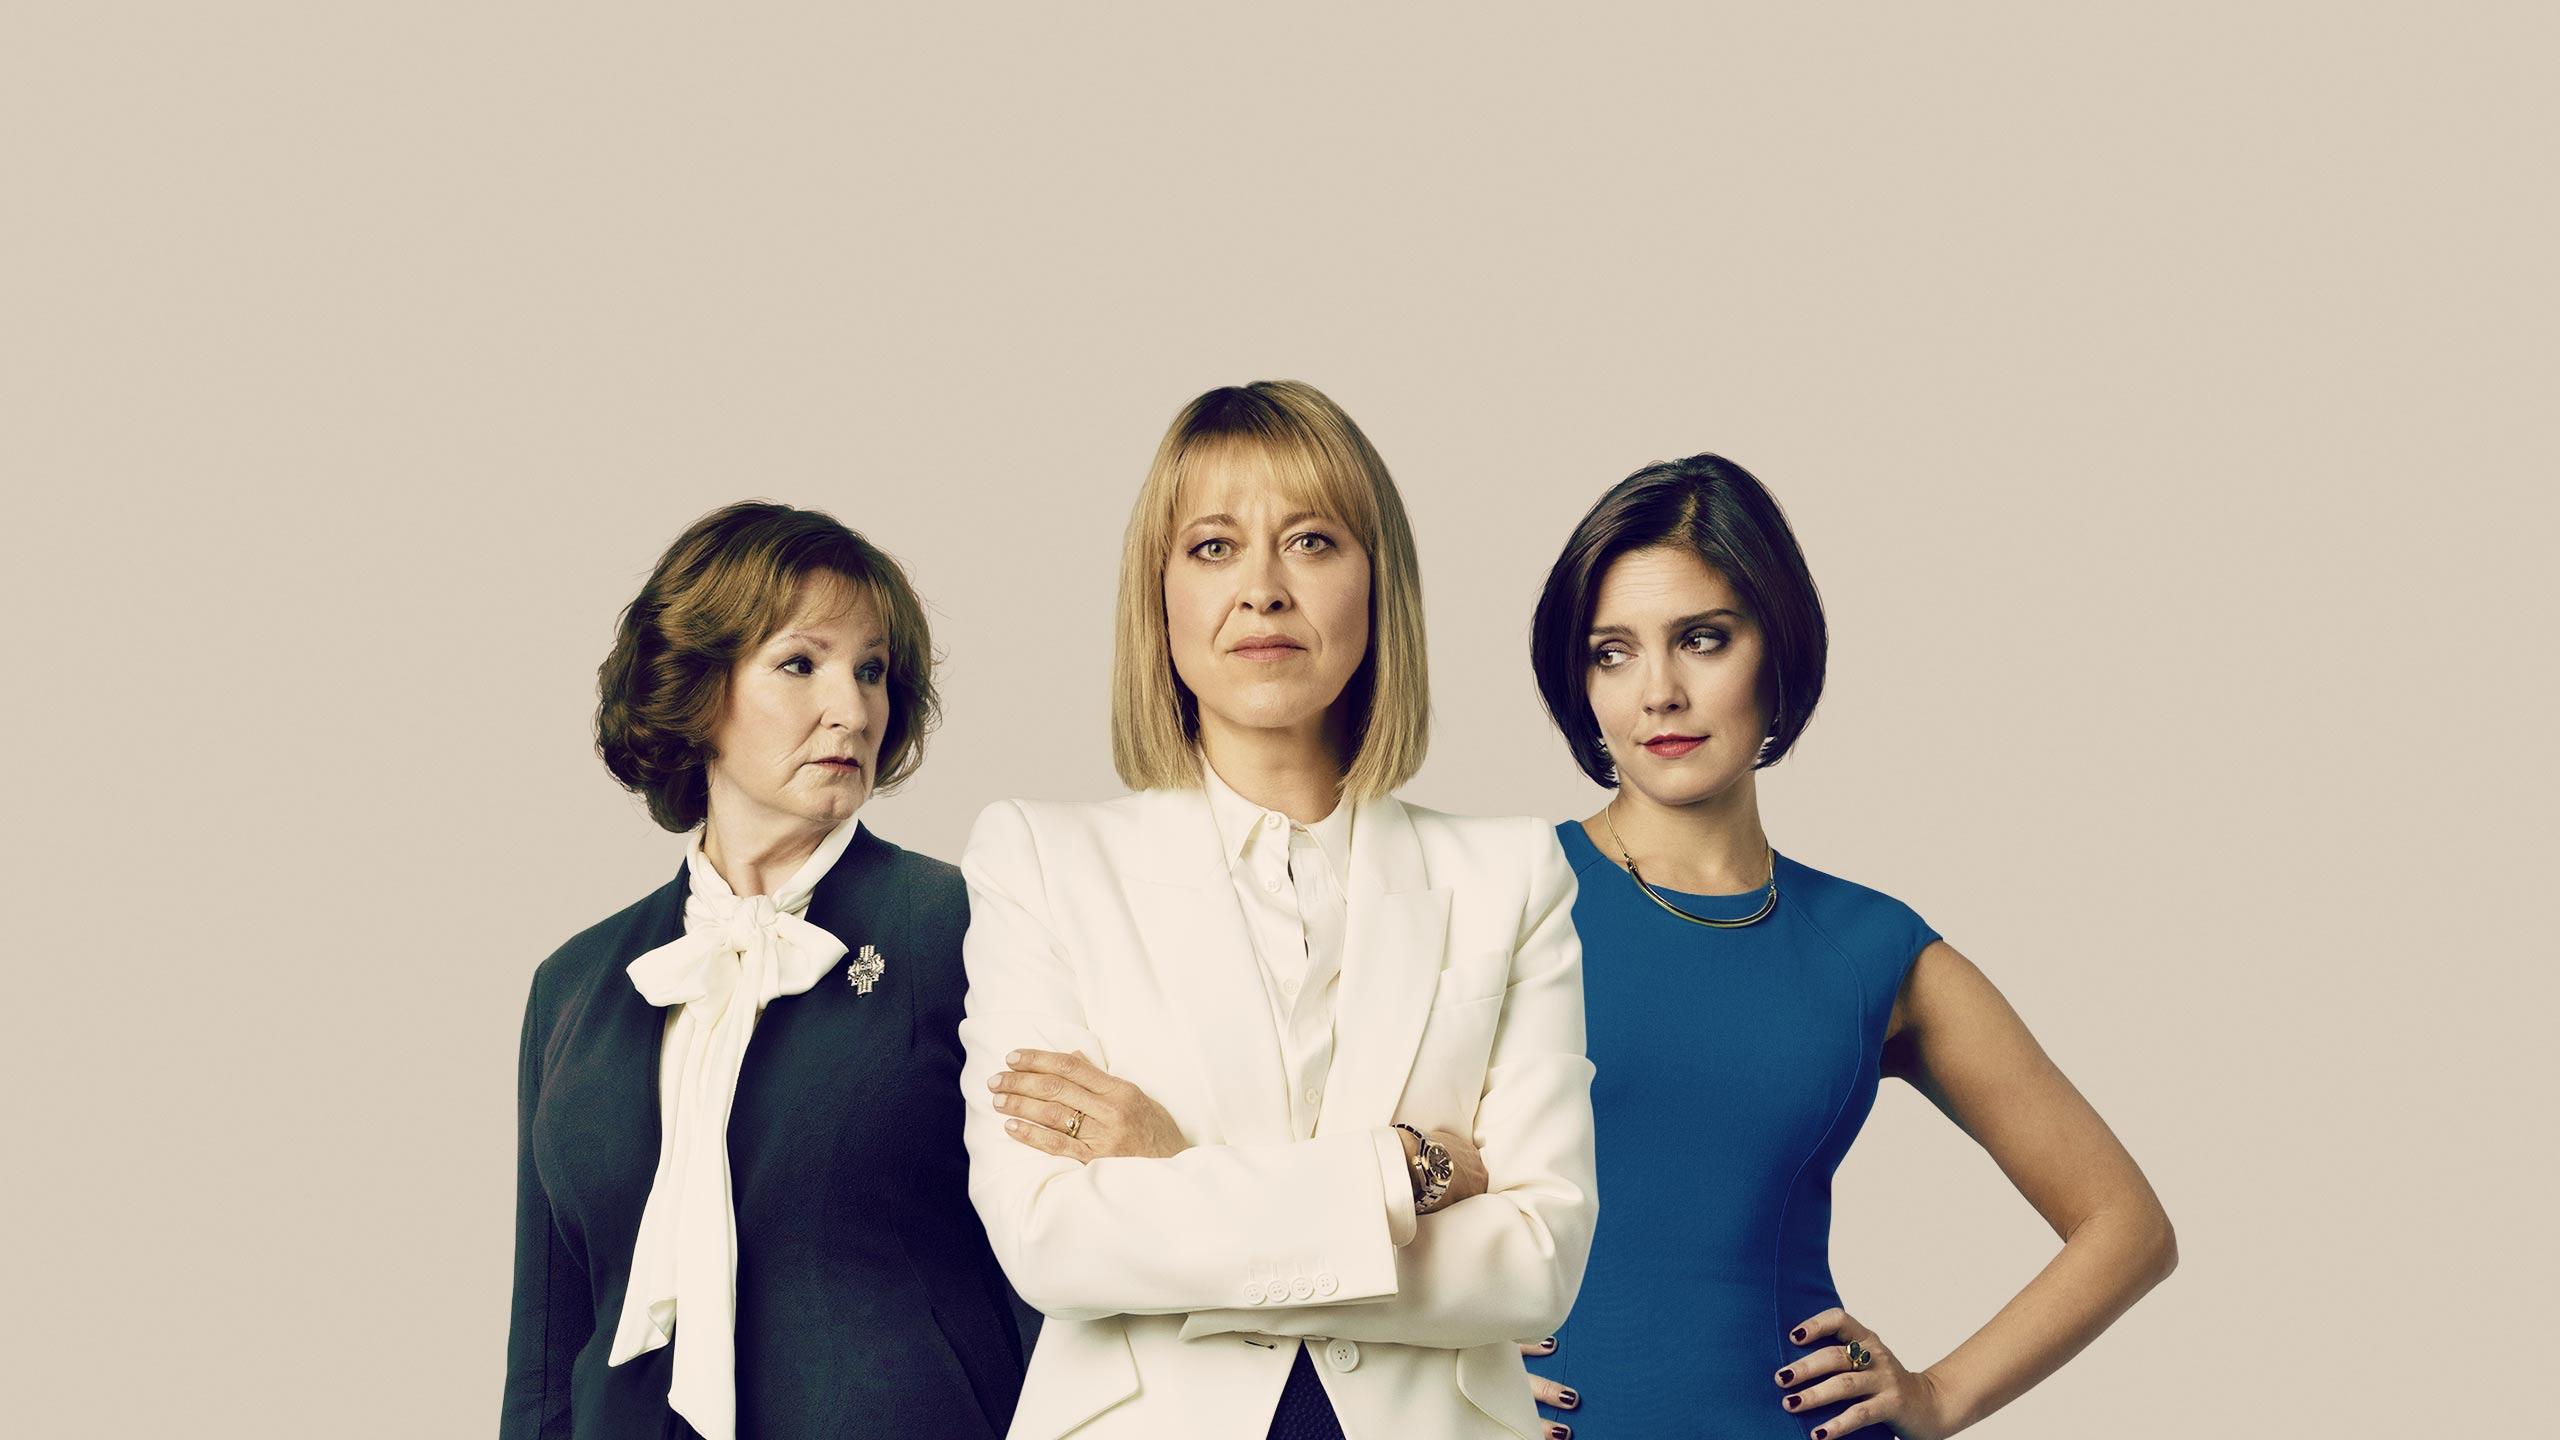 SundanceTV - The Split Season 1